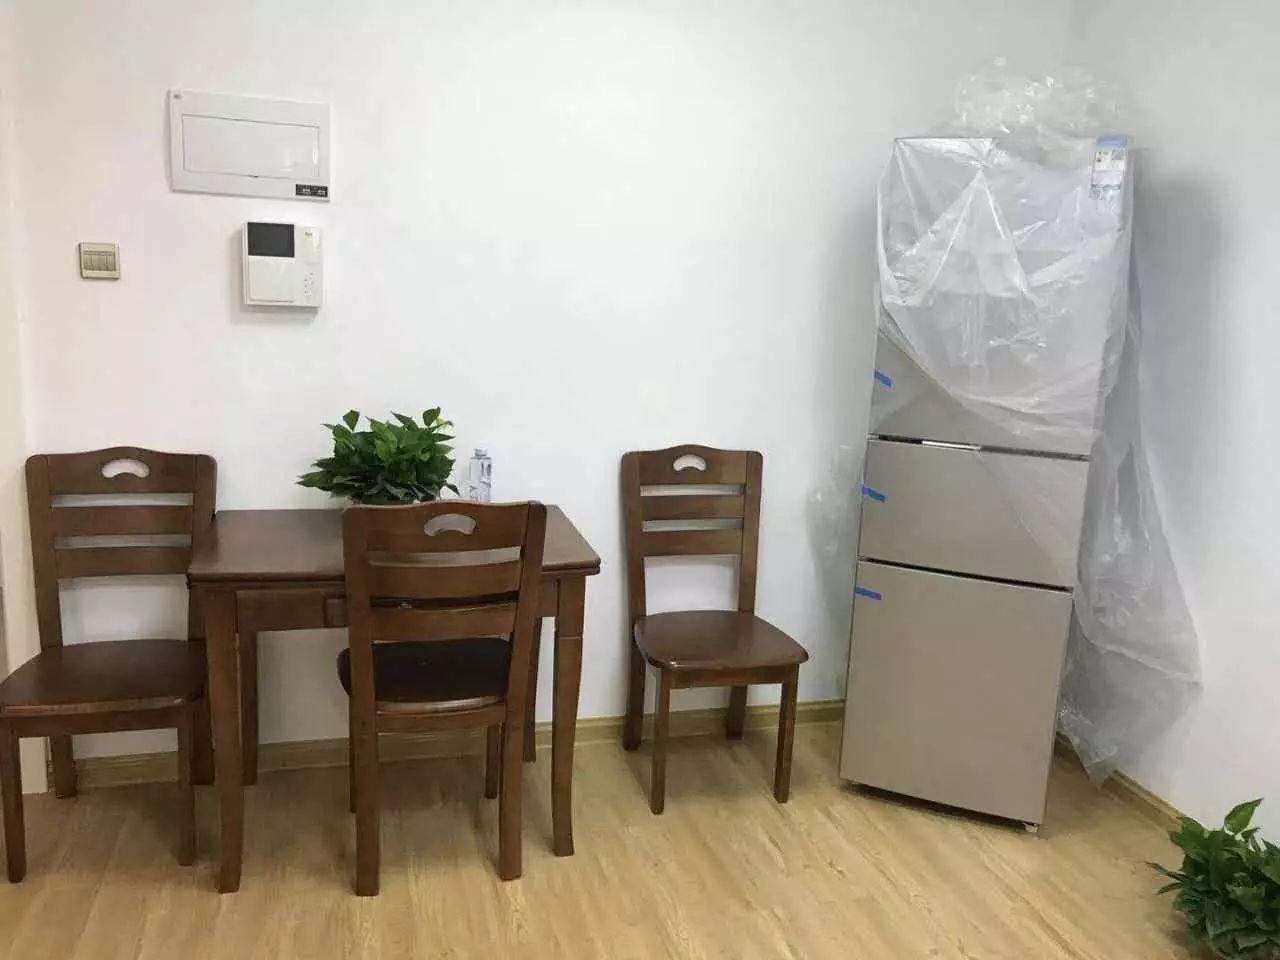 中建御山和苑 庐山恋 华晨国际 流金岁月 公寓整租